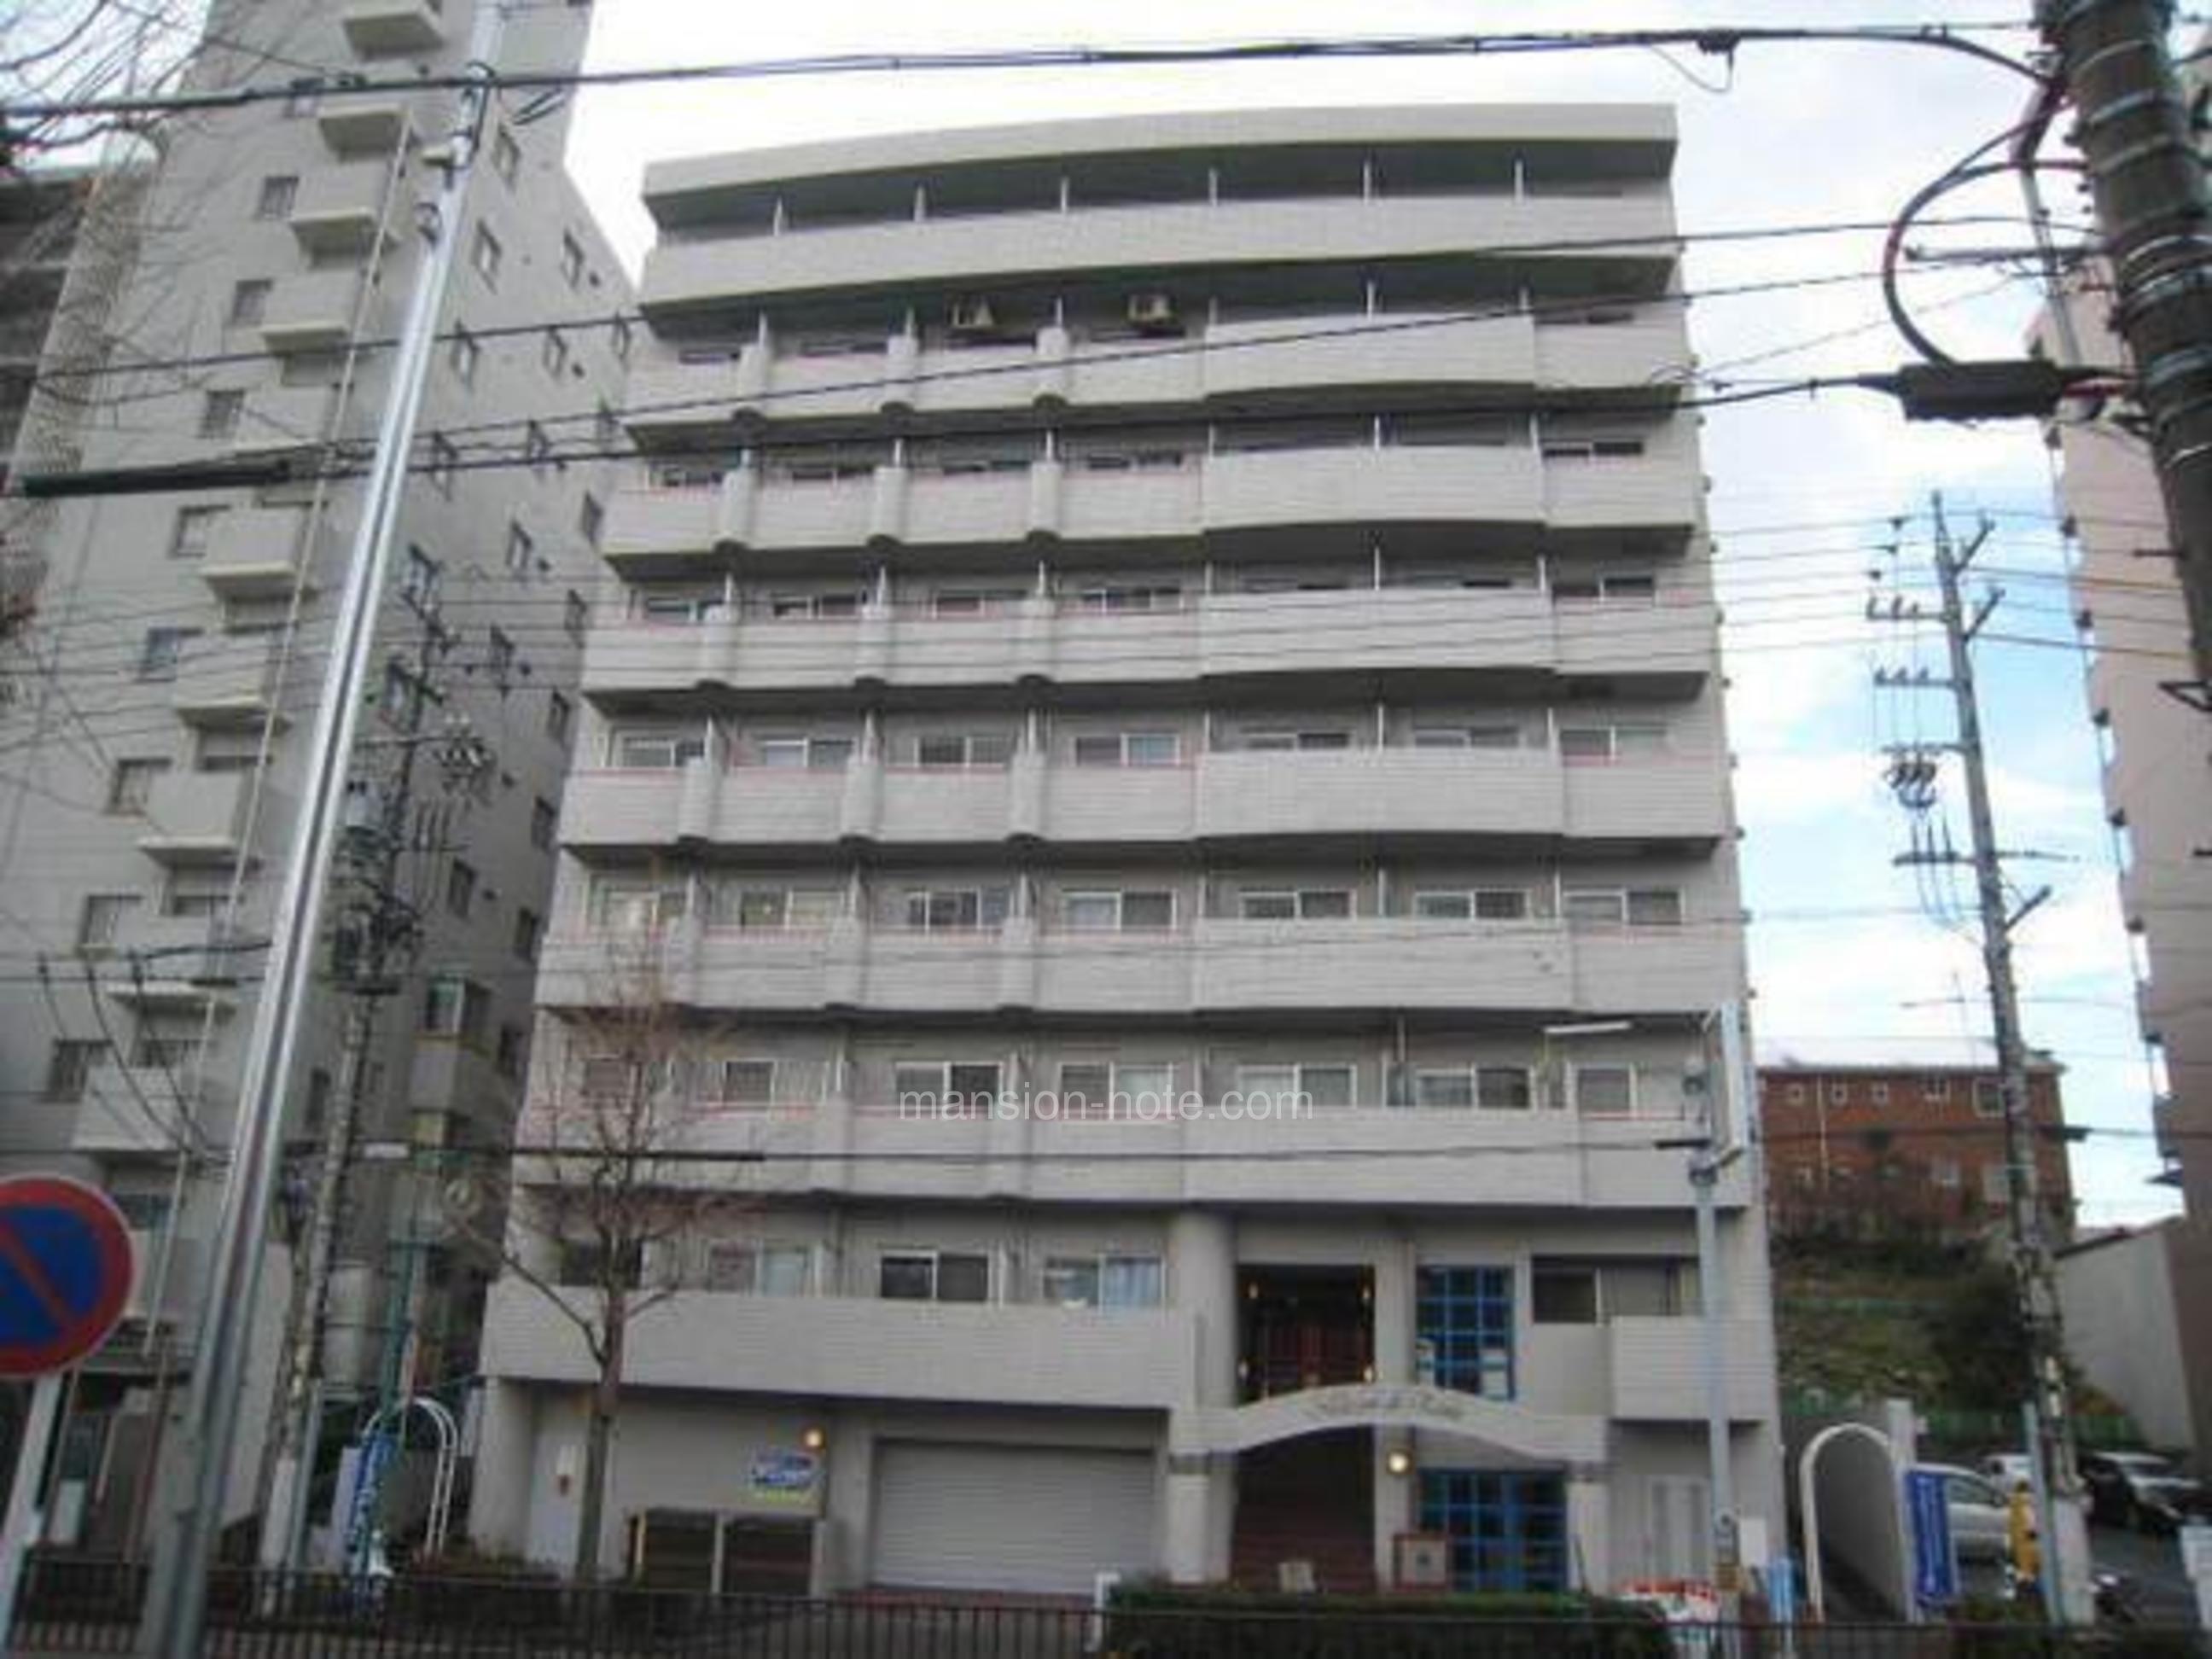 【マンションノート】メゾン・ド・エトワール 名古屋市名東区